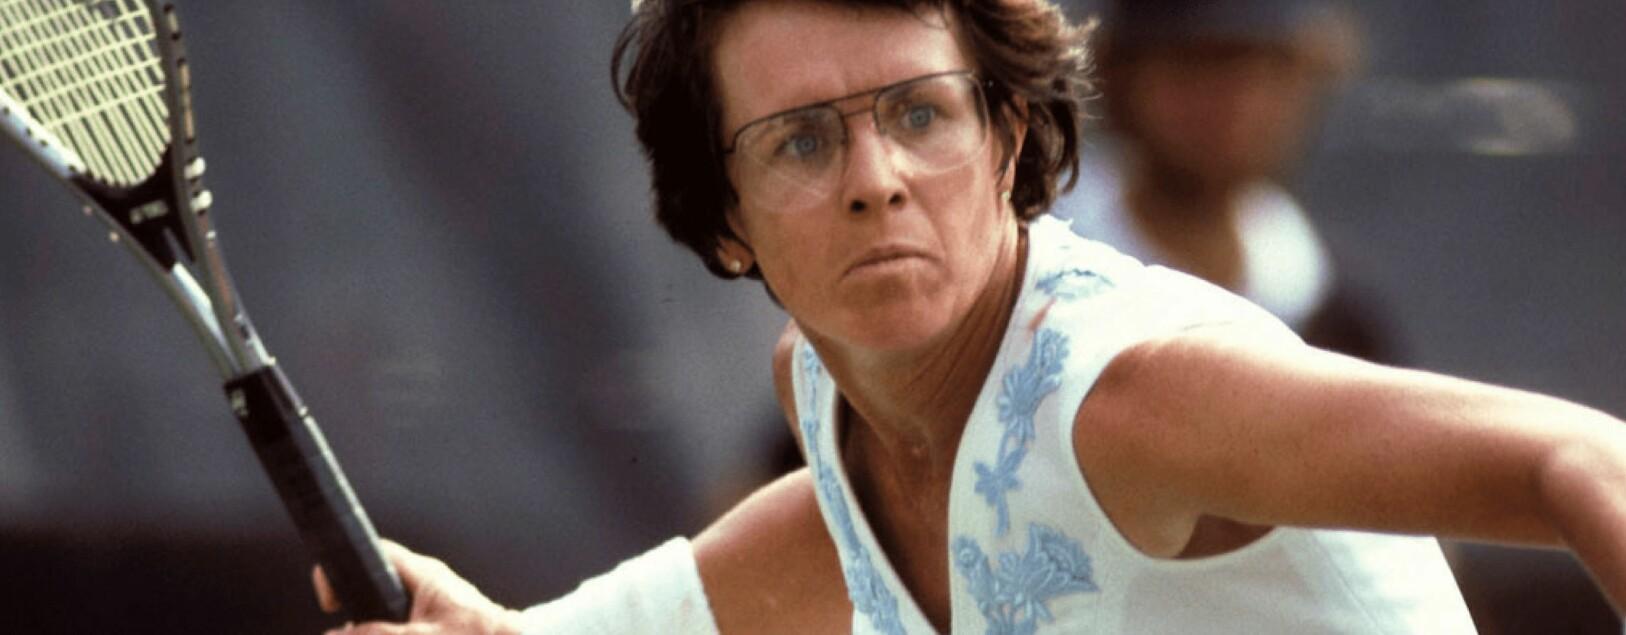 Den lesbiske tennislegenden Billie Jean King er et ikon for både homofile og feminister. Selv har hun Nelson Mandela som sitt forbilde.